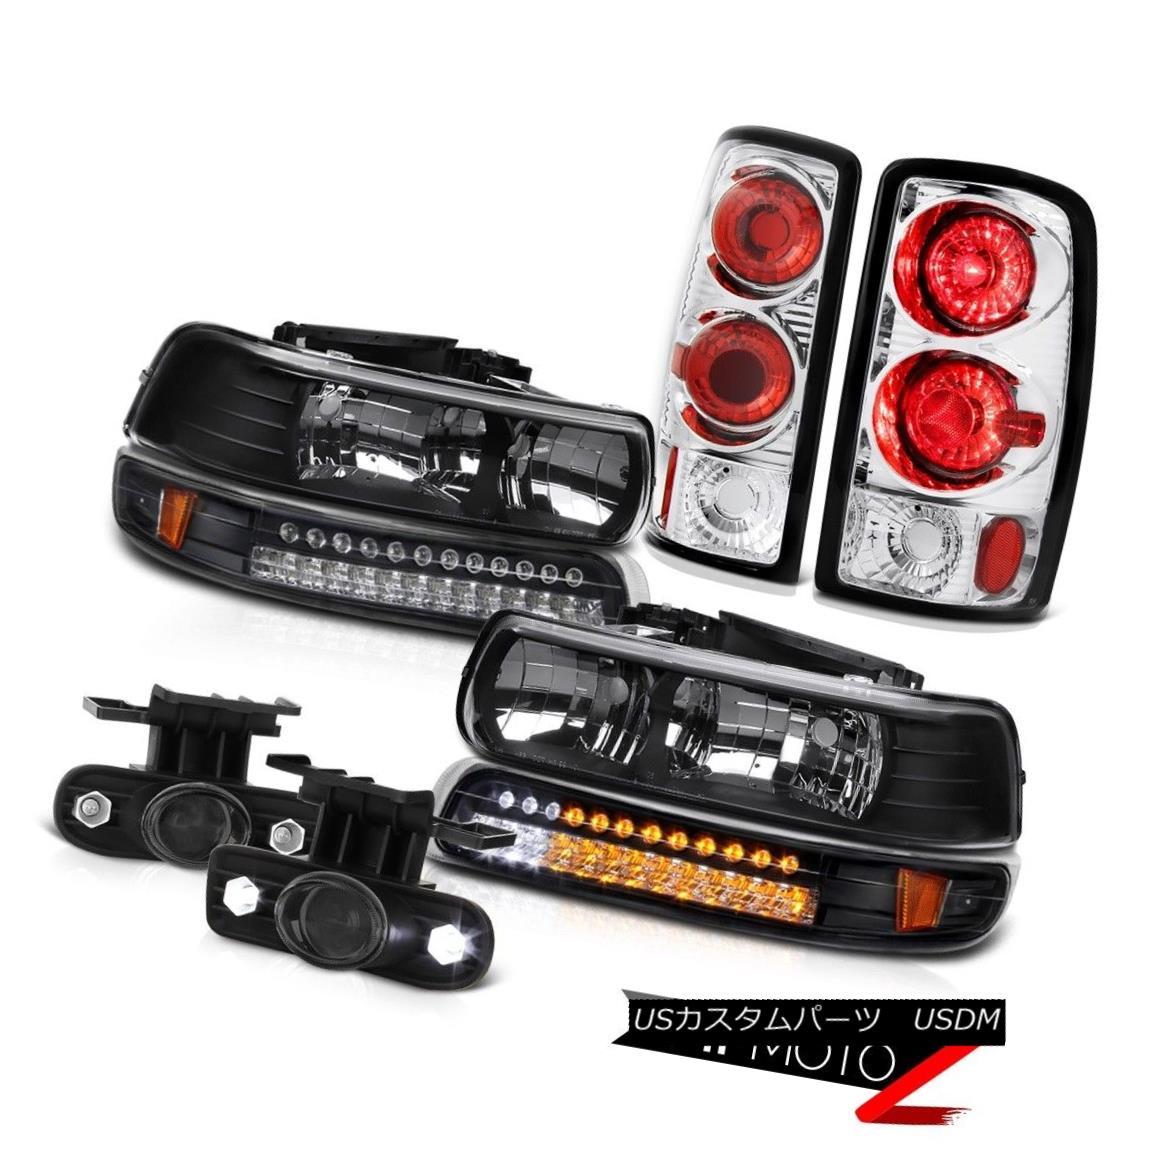 テールライト 00-06 Suburban 5.7L Black Headlights Headlamps Rear Taillamp Glass Projector Fog 00-06郊外5.7Lブラックヘッドライトヘッドランプリアテールランプガラスプロジェクターフォグ